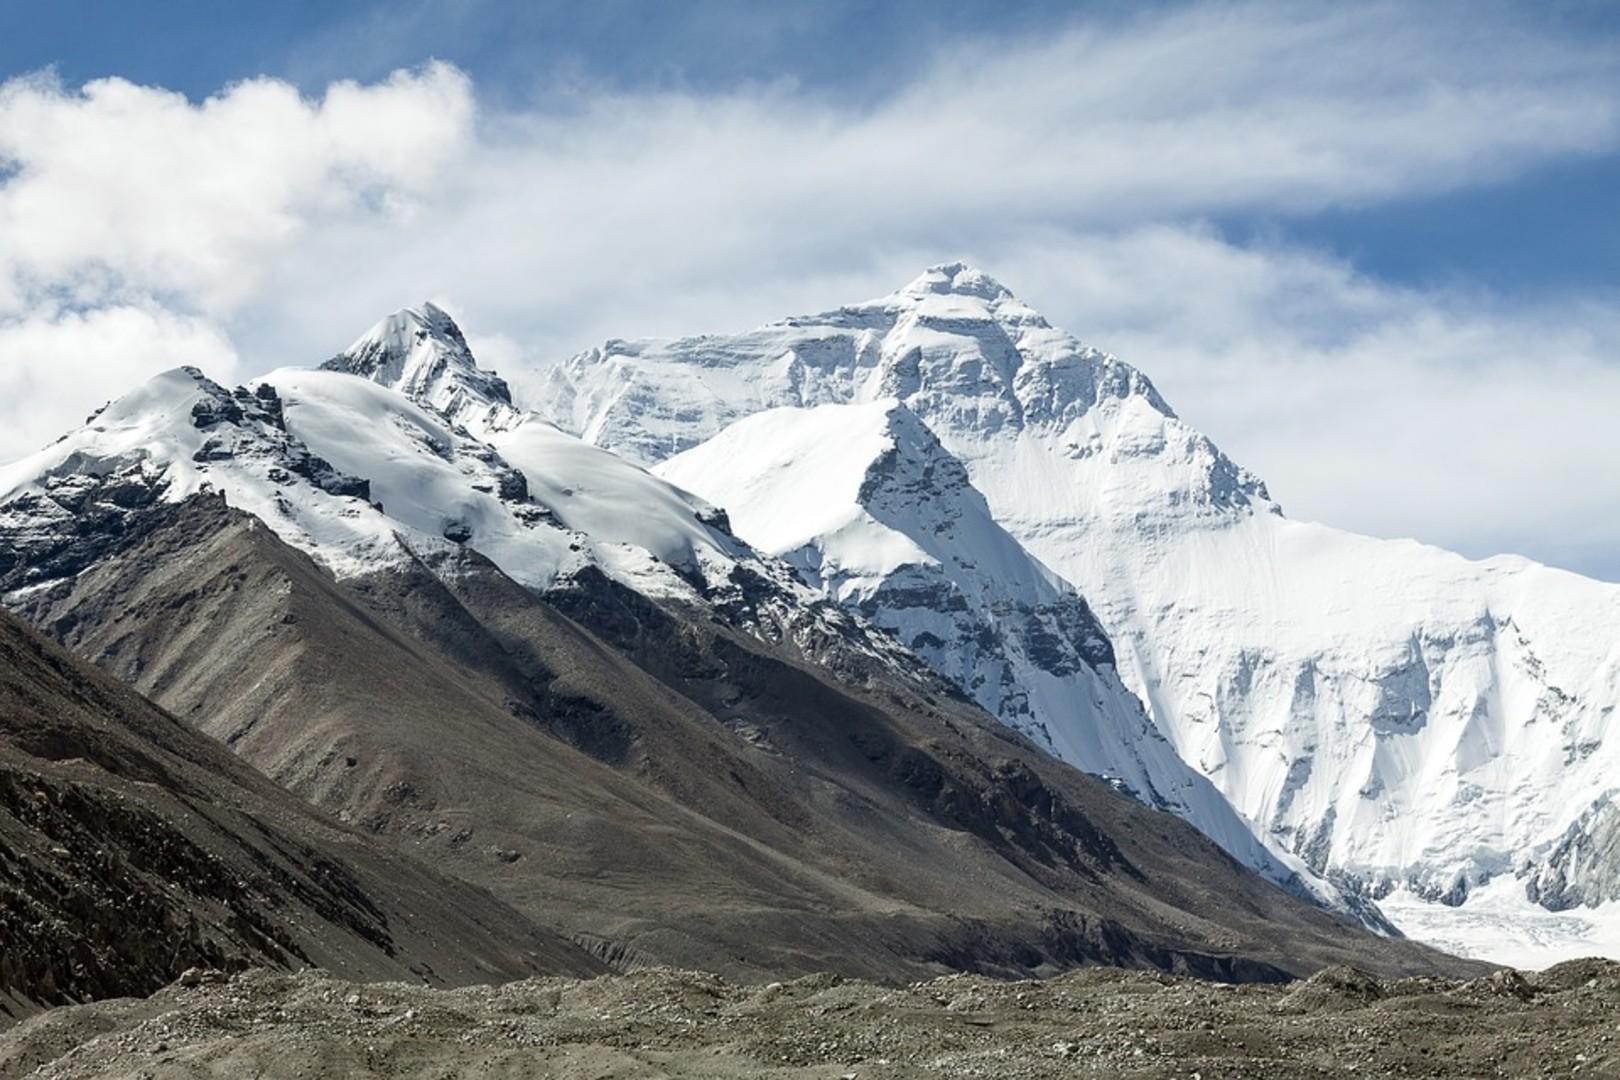 tibet-4025999_960_720.jpg